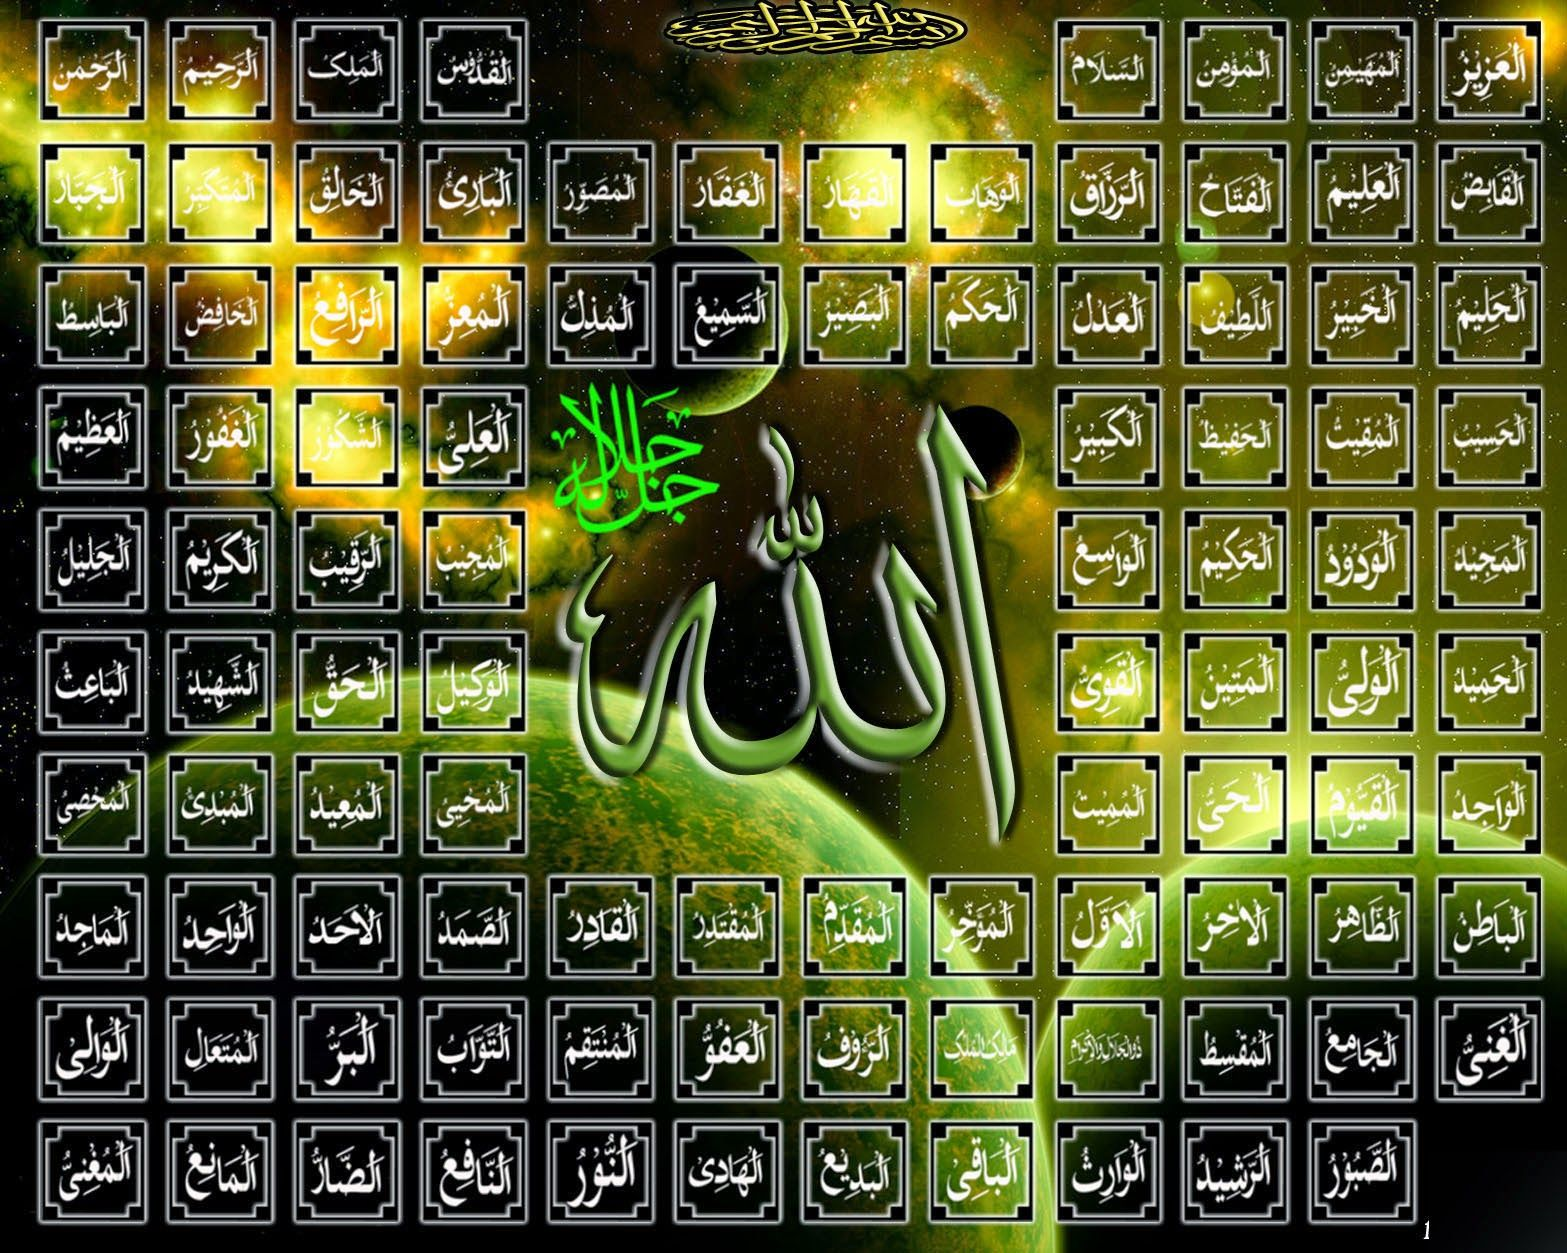 pin allah muhammad name - photo #35